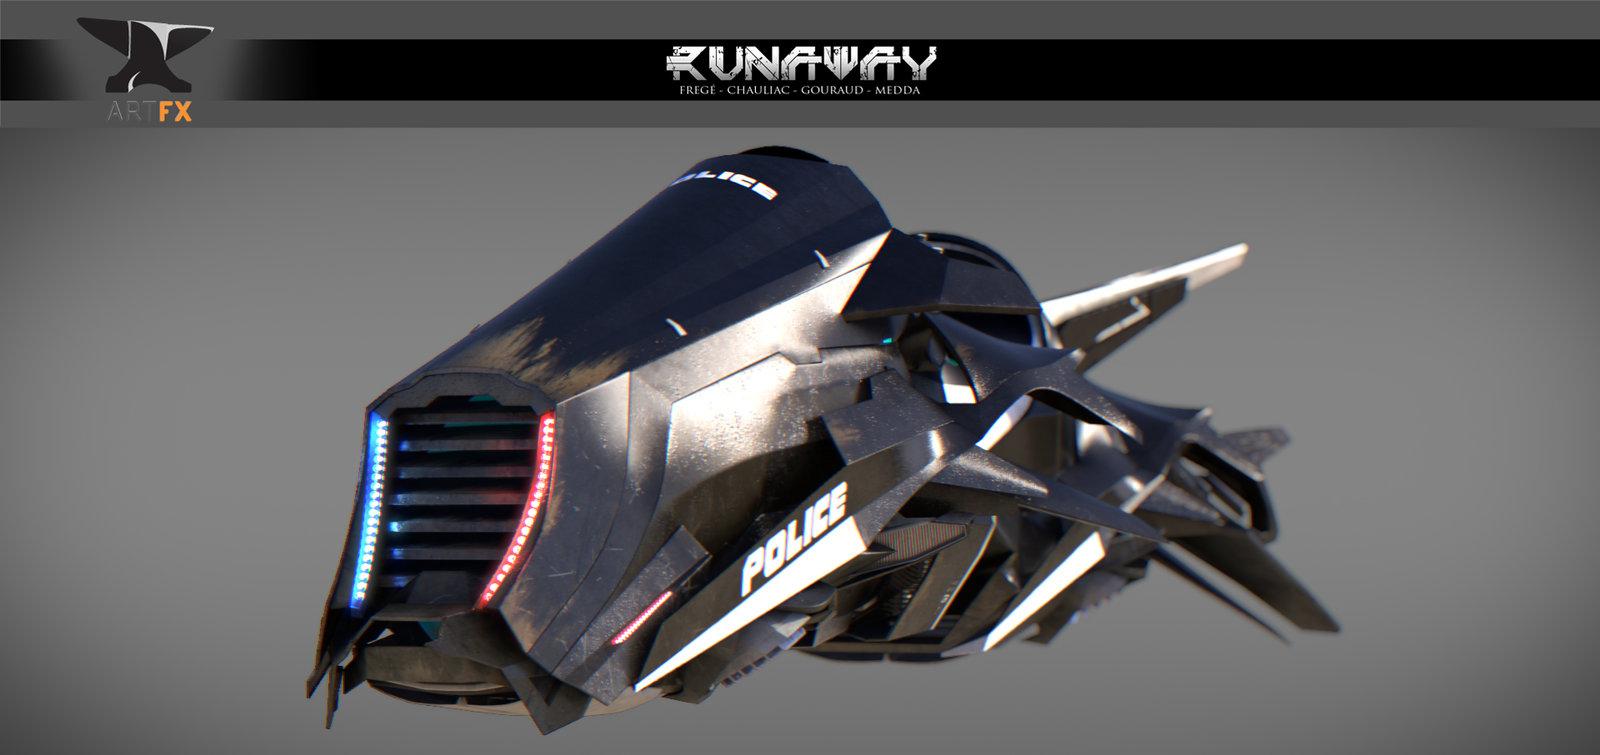 Runaway - Speeder